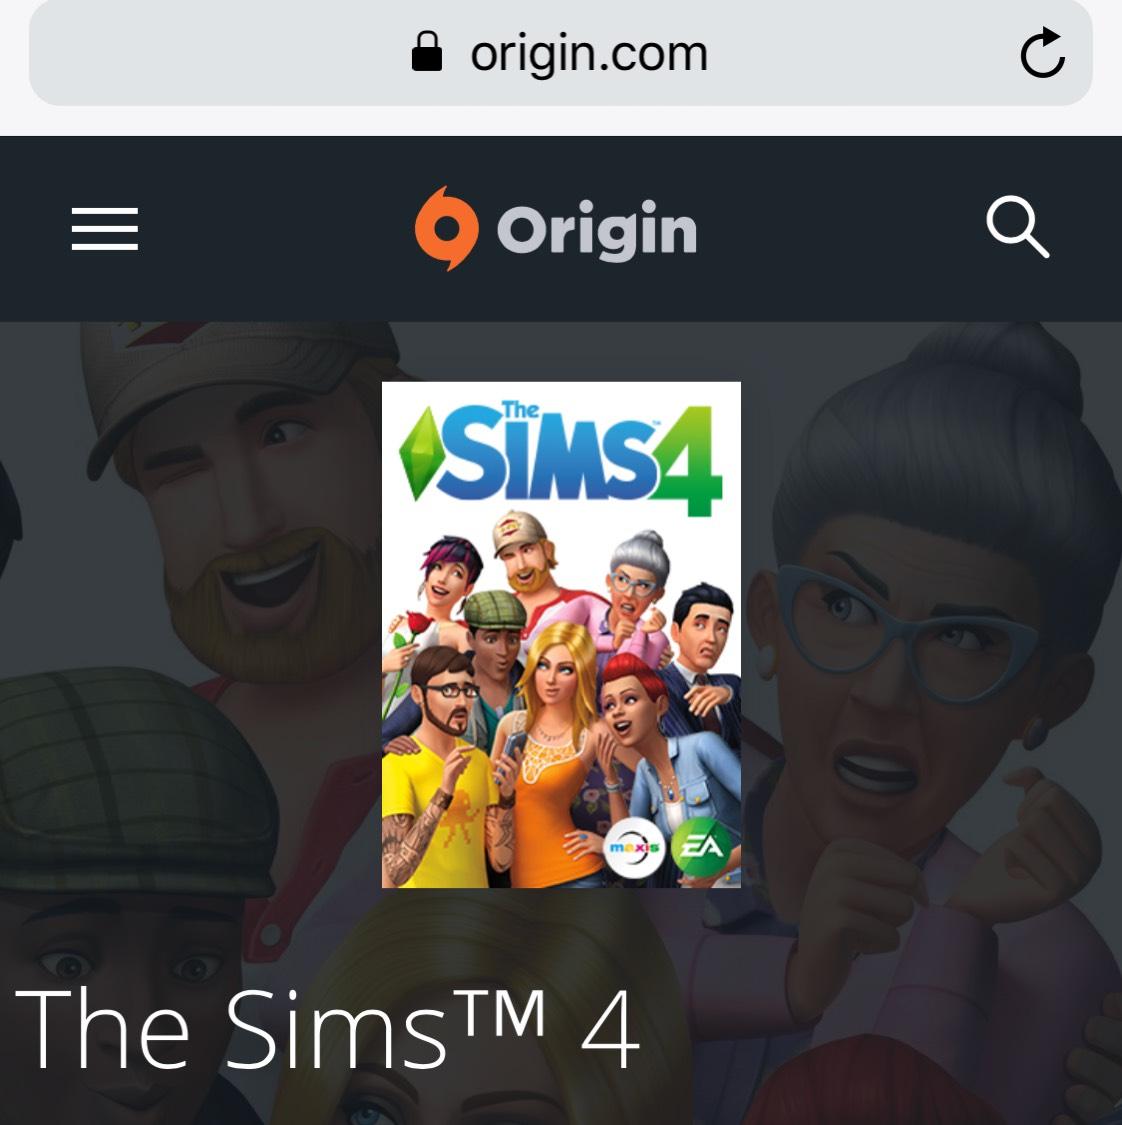 The sims 4 PC - £17.49 @ Origin